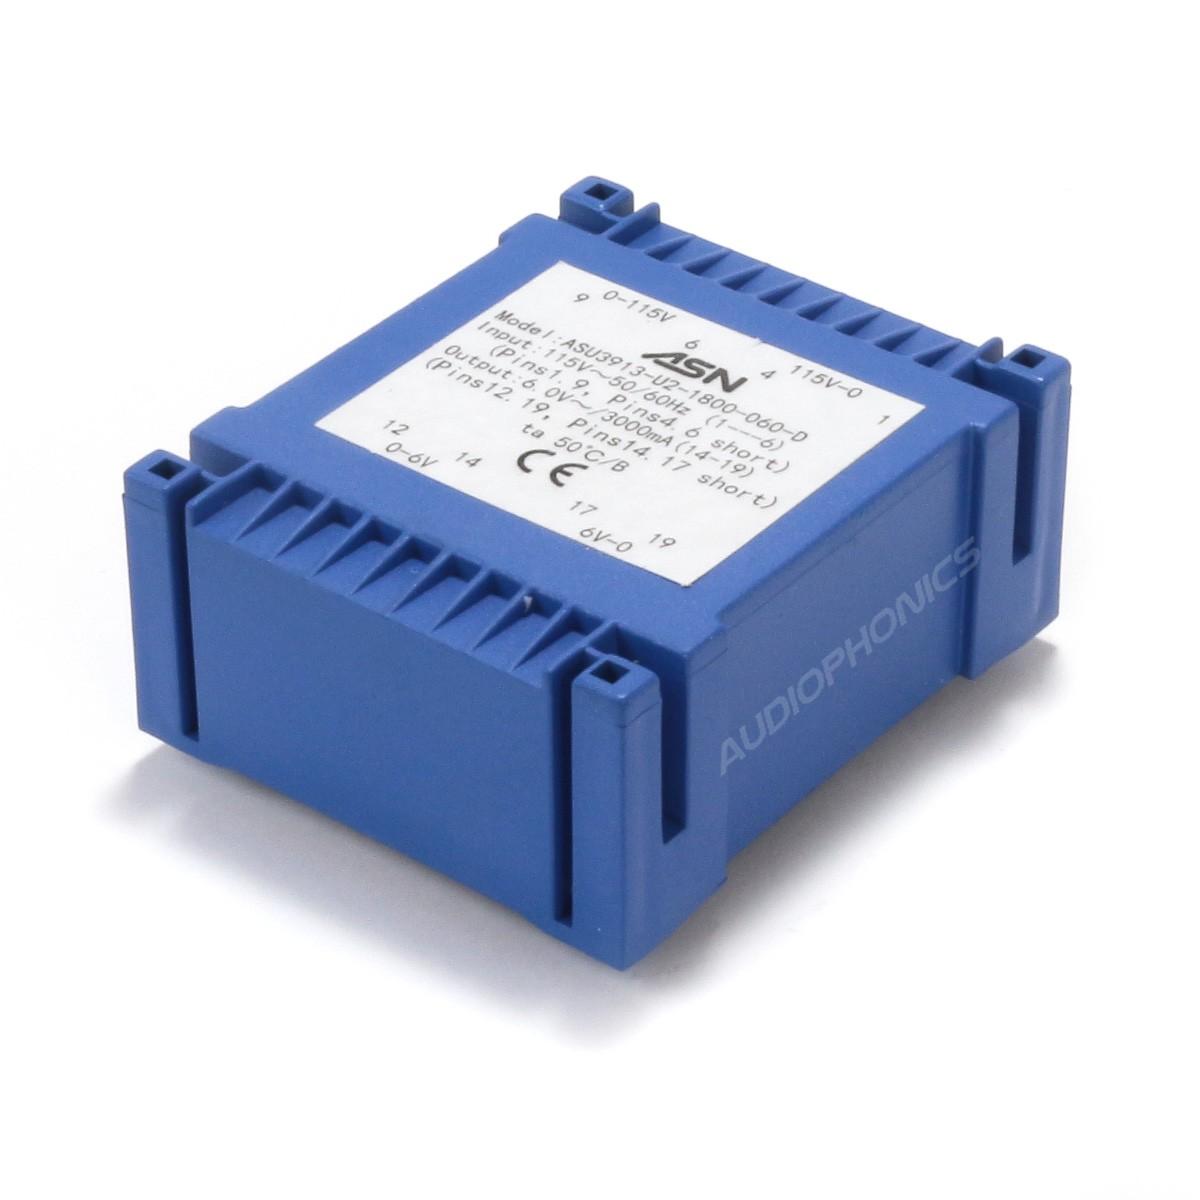 Transformateur pour Circuits Imprimés UI 39/13,5 2x6V 3A 18VA